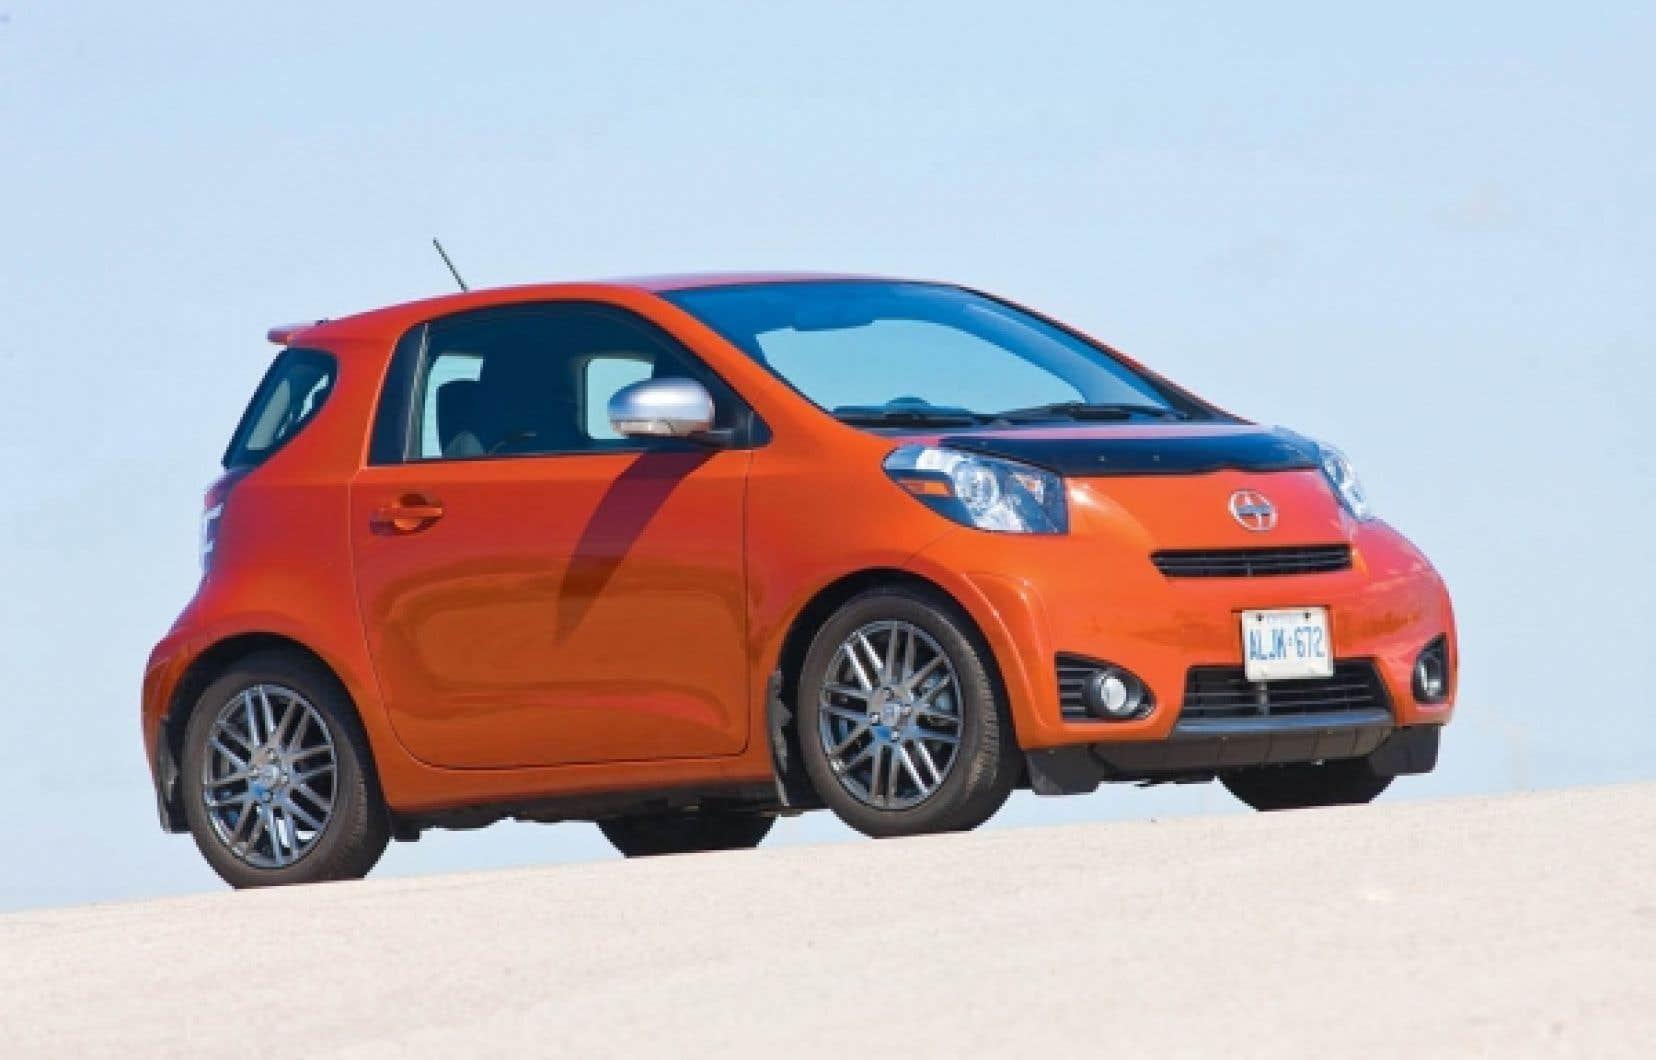 La Scion iQ de Toyota vise une clientèle citadine et soucieuse de l'environnement, souhaitant conduire quelque chose de différent.<br />